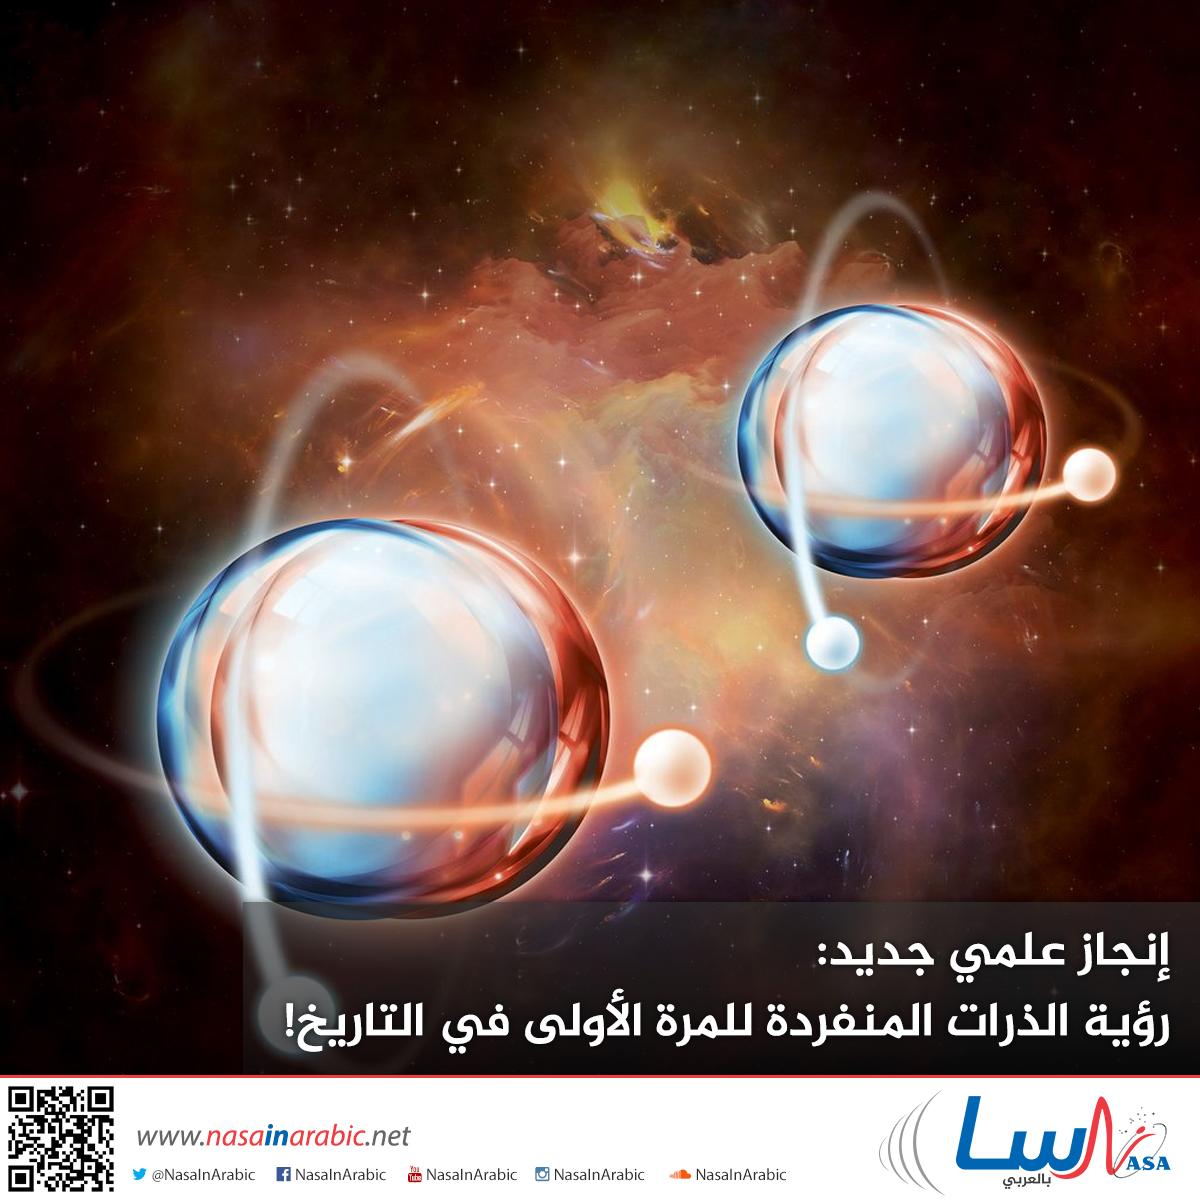 إنجاز علمي جديد: رؤية الذرات المنفردة للمرة الأولى في التاريخ!